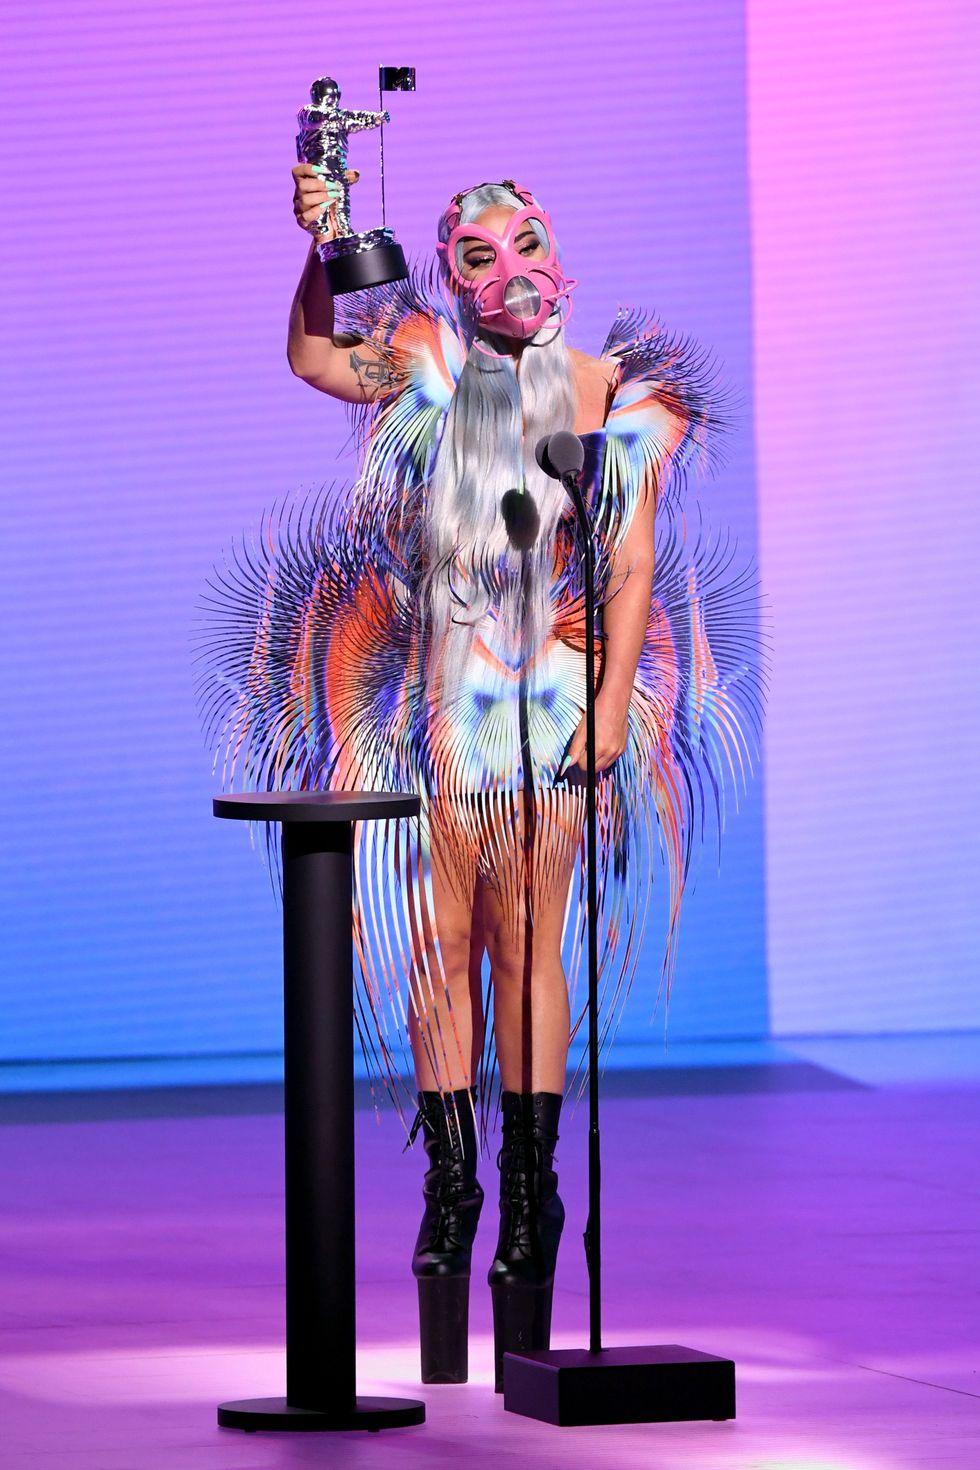 Nhận giải thưởng đầu tiên của đêm giải, Lady Gaga chuyển sang trang phục đa sắc của nhà mốt Iris van Herpen. Nữ ca sĩ đeo thêm chiếc mặt nạ màu hồng, vừa phòng dịch, vừa đảm bảo yếu tố thời trang.